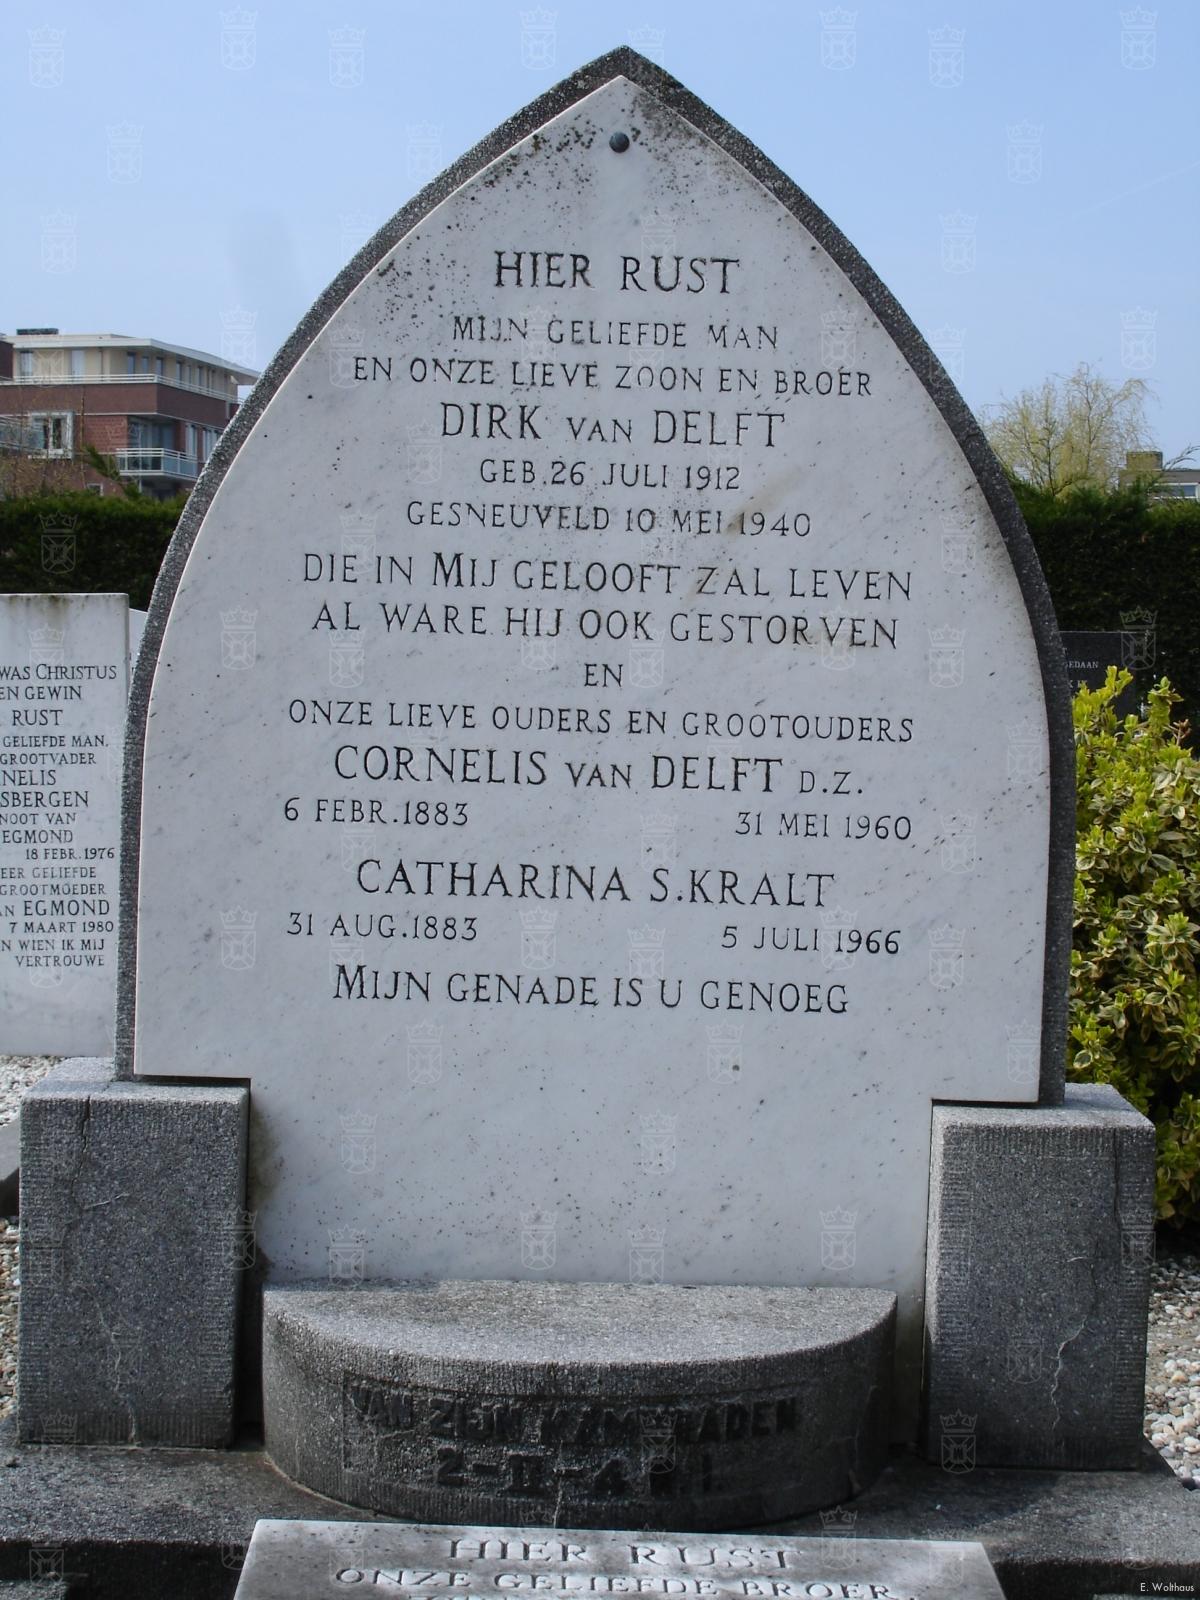 Het graf van Dirk van Delft op de Gereformeerde begraafplaats aan de Sandtlaan.